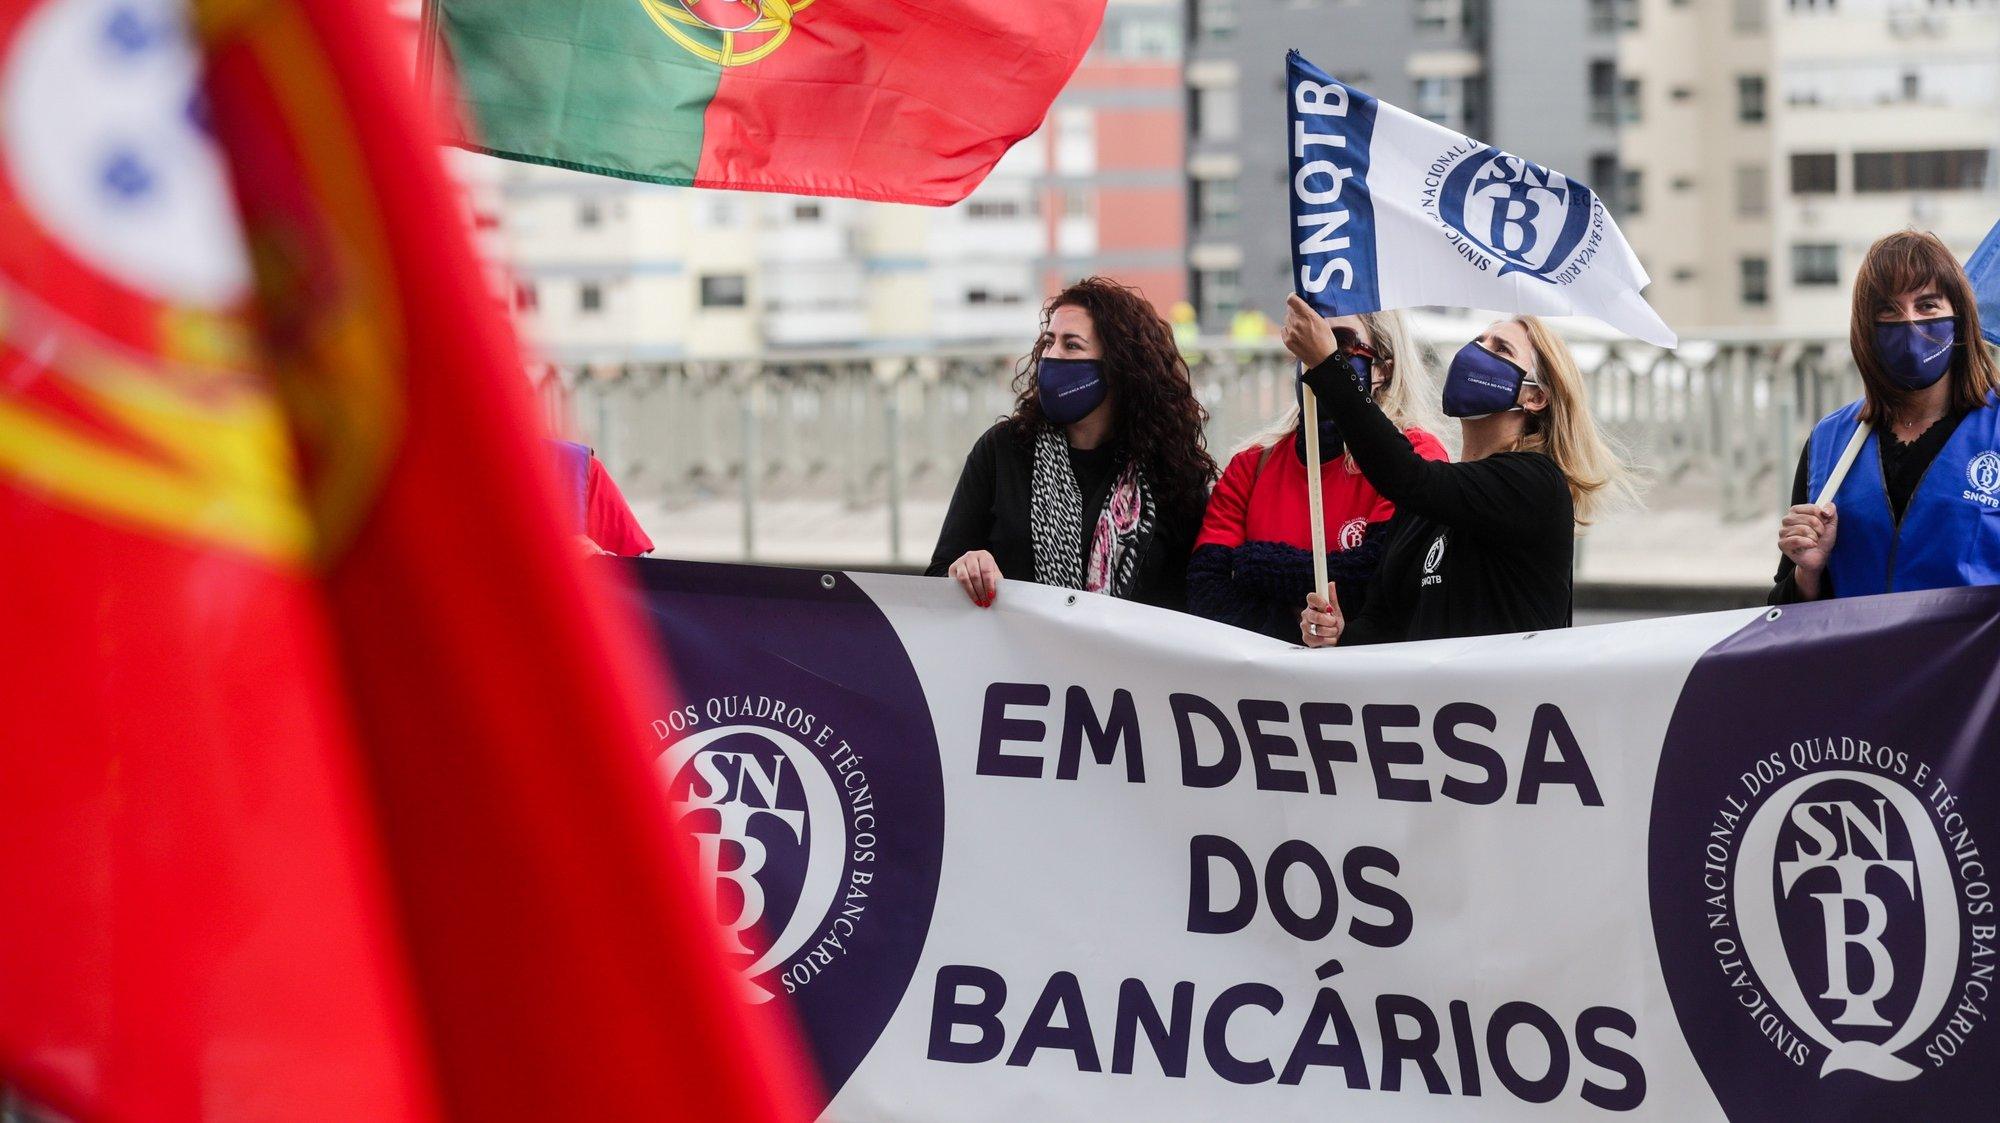 Cerca de uma centena de trabalhadores manifestaram-se contra os despedimentos no Banco Santander Totta, numa concentração convocada pelo Sindicato Nacional dos Quadros e Técnicos Bancários (SNQTB), em frente à sede da instituíção bancária em Lisboa, 11 de maio de 2021. TIAGO PETINGA/LUSA